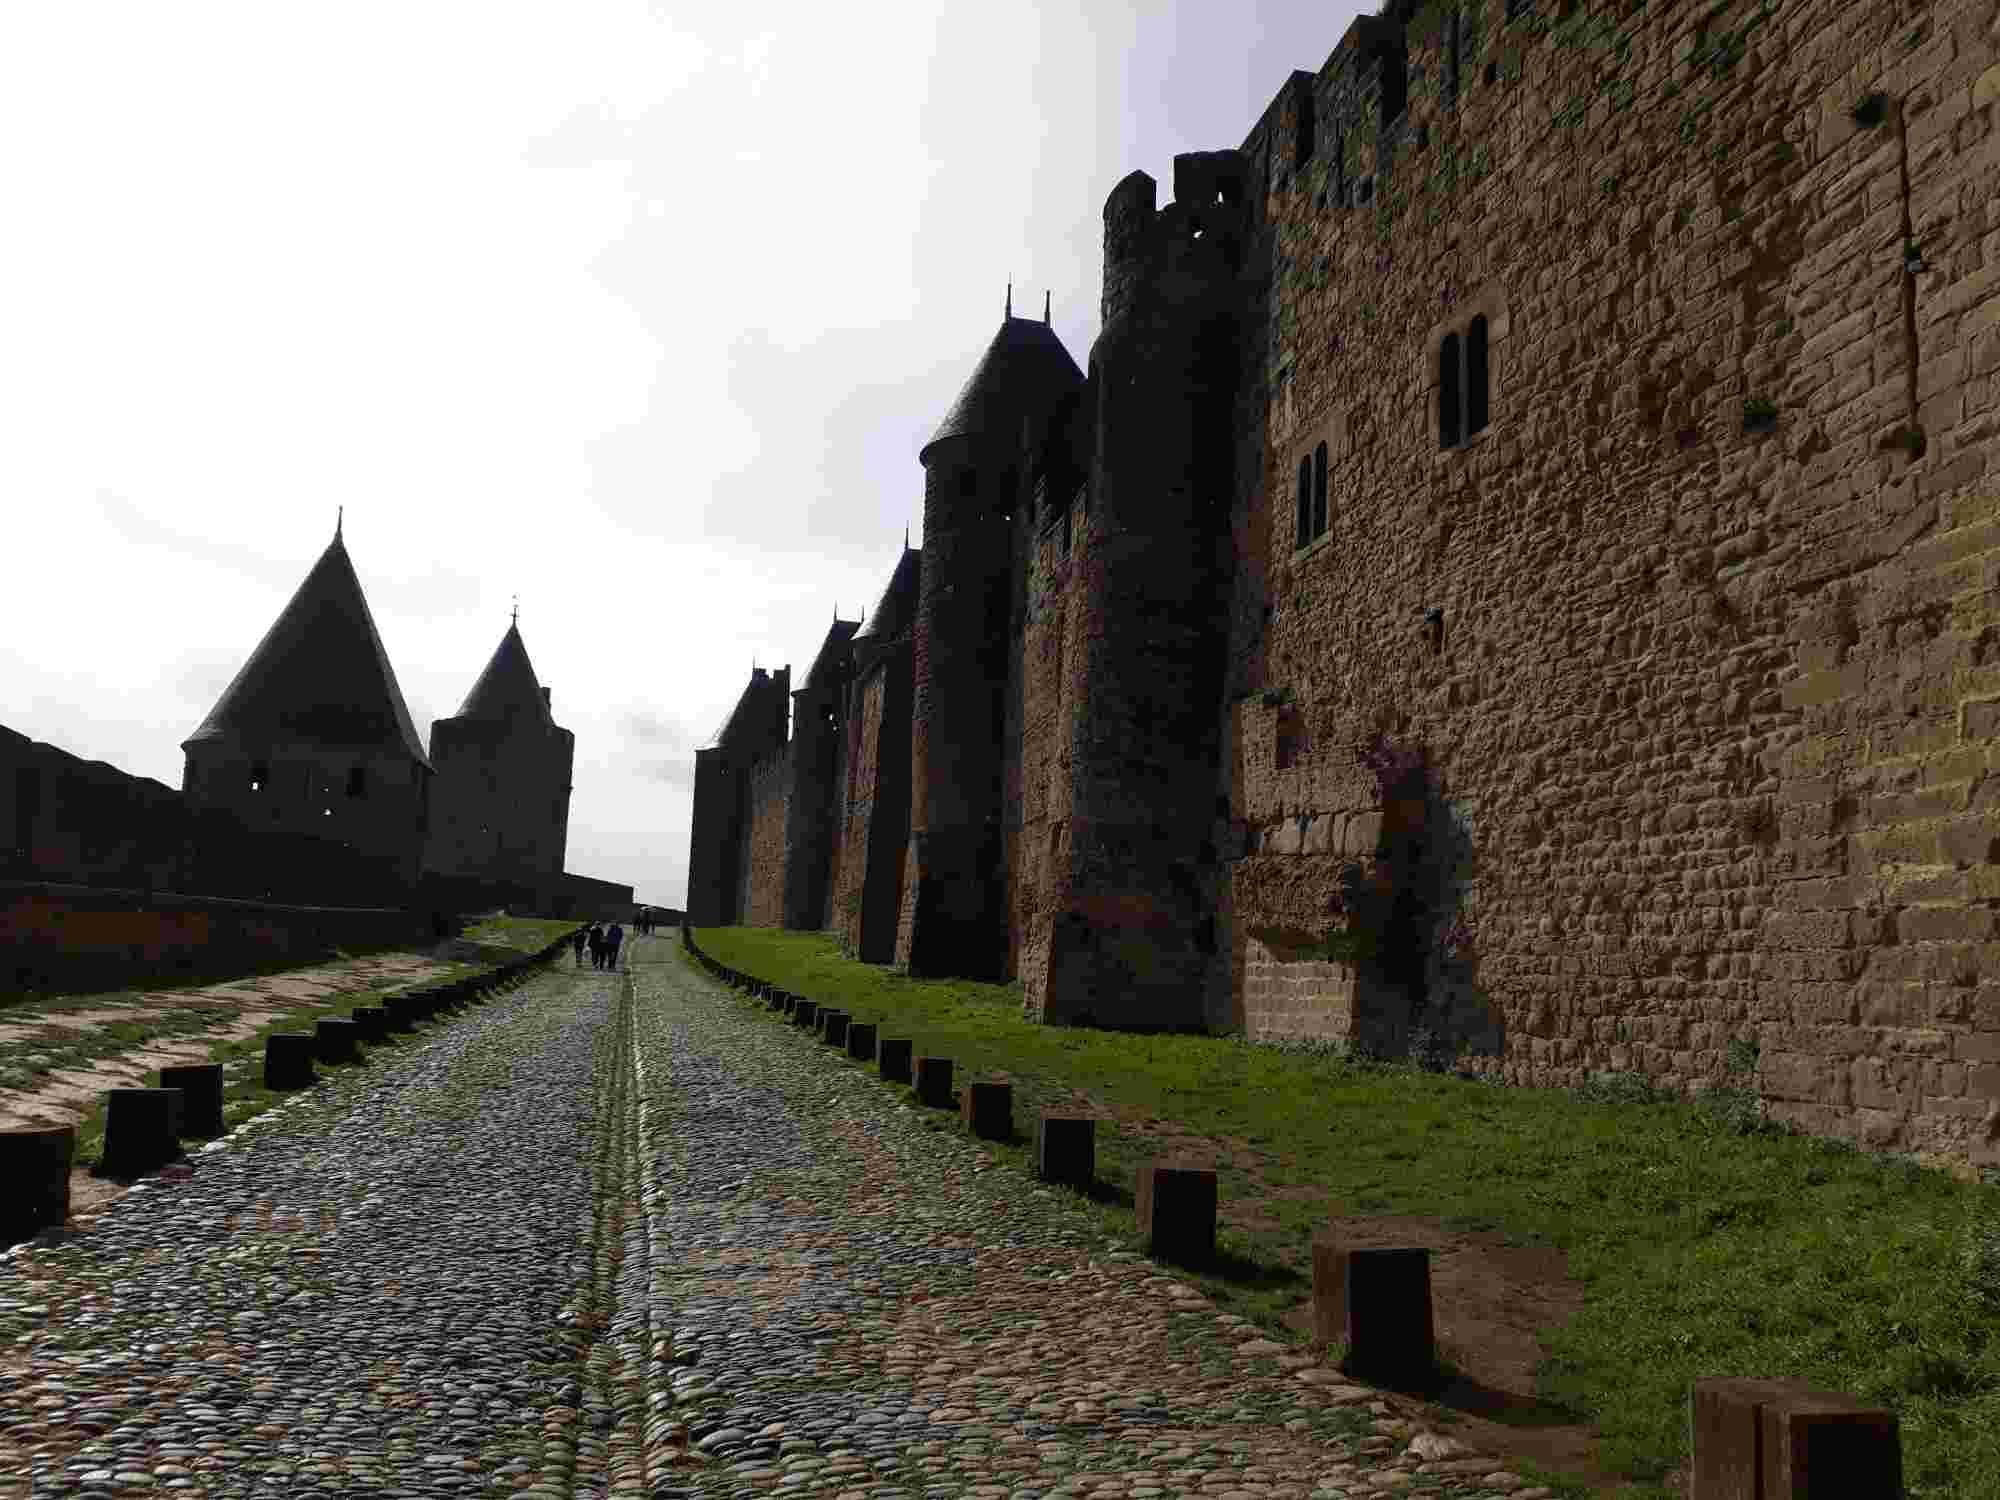 Si buscas qué ver en Carcassonne, no te puedes perder sus murallas